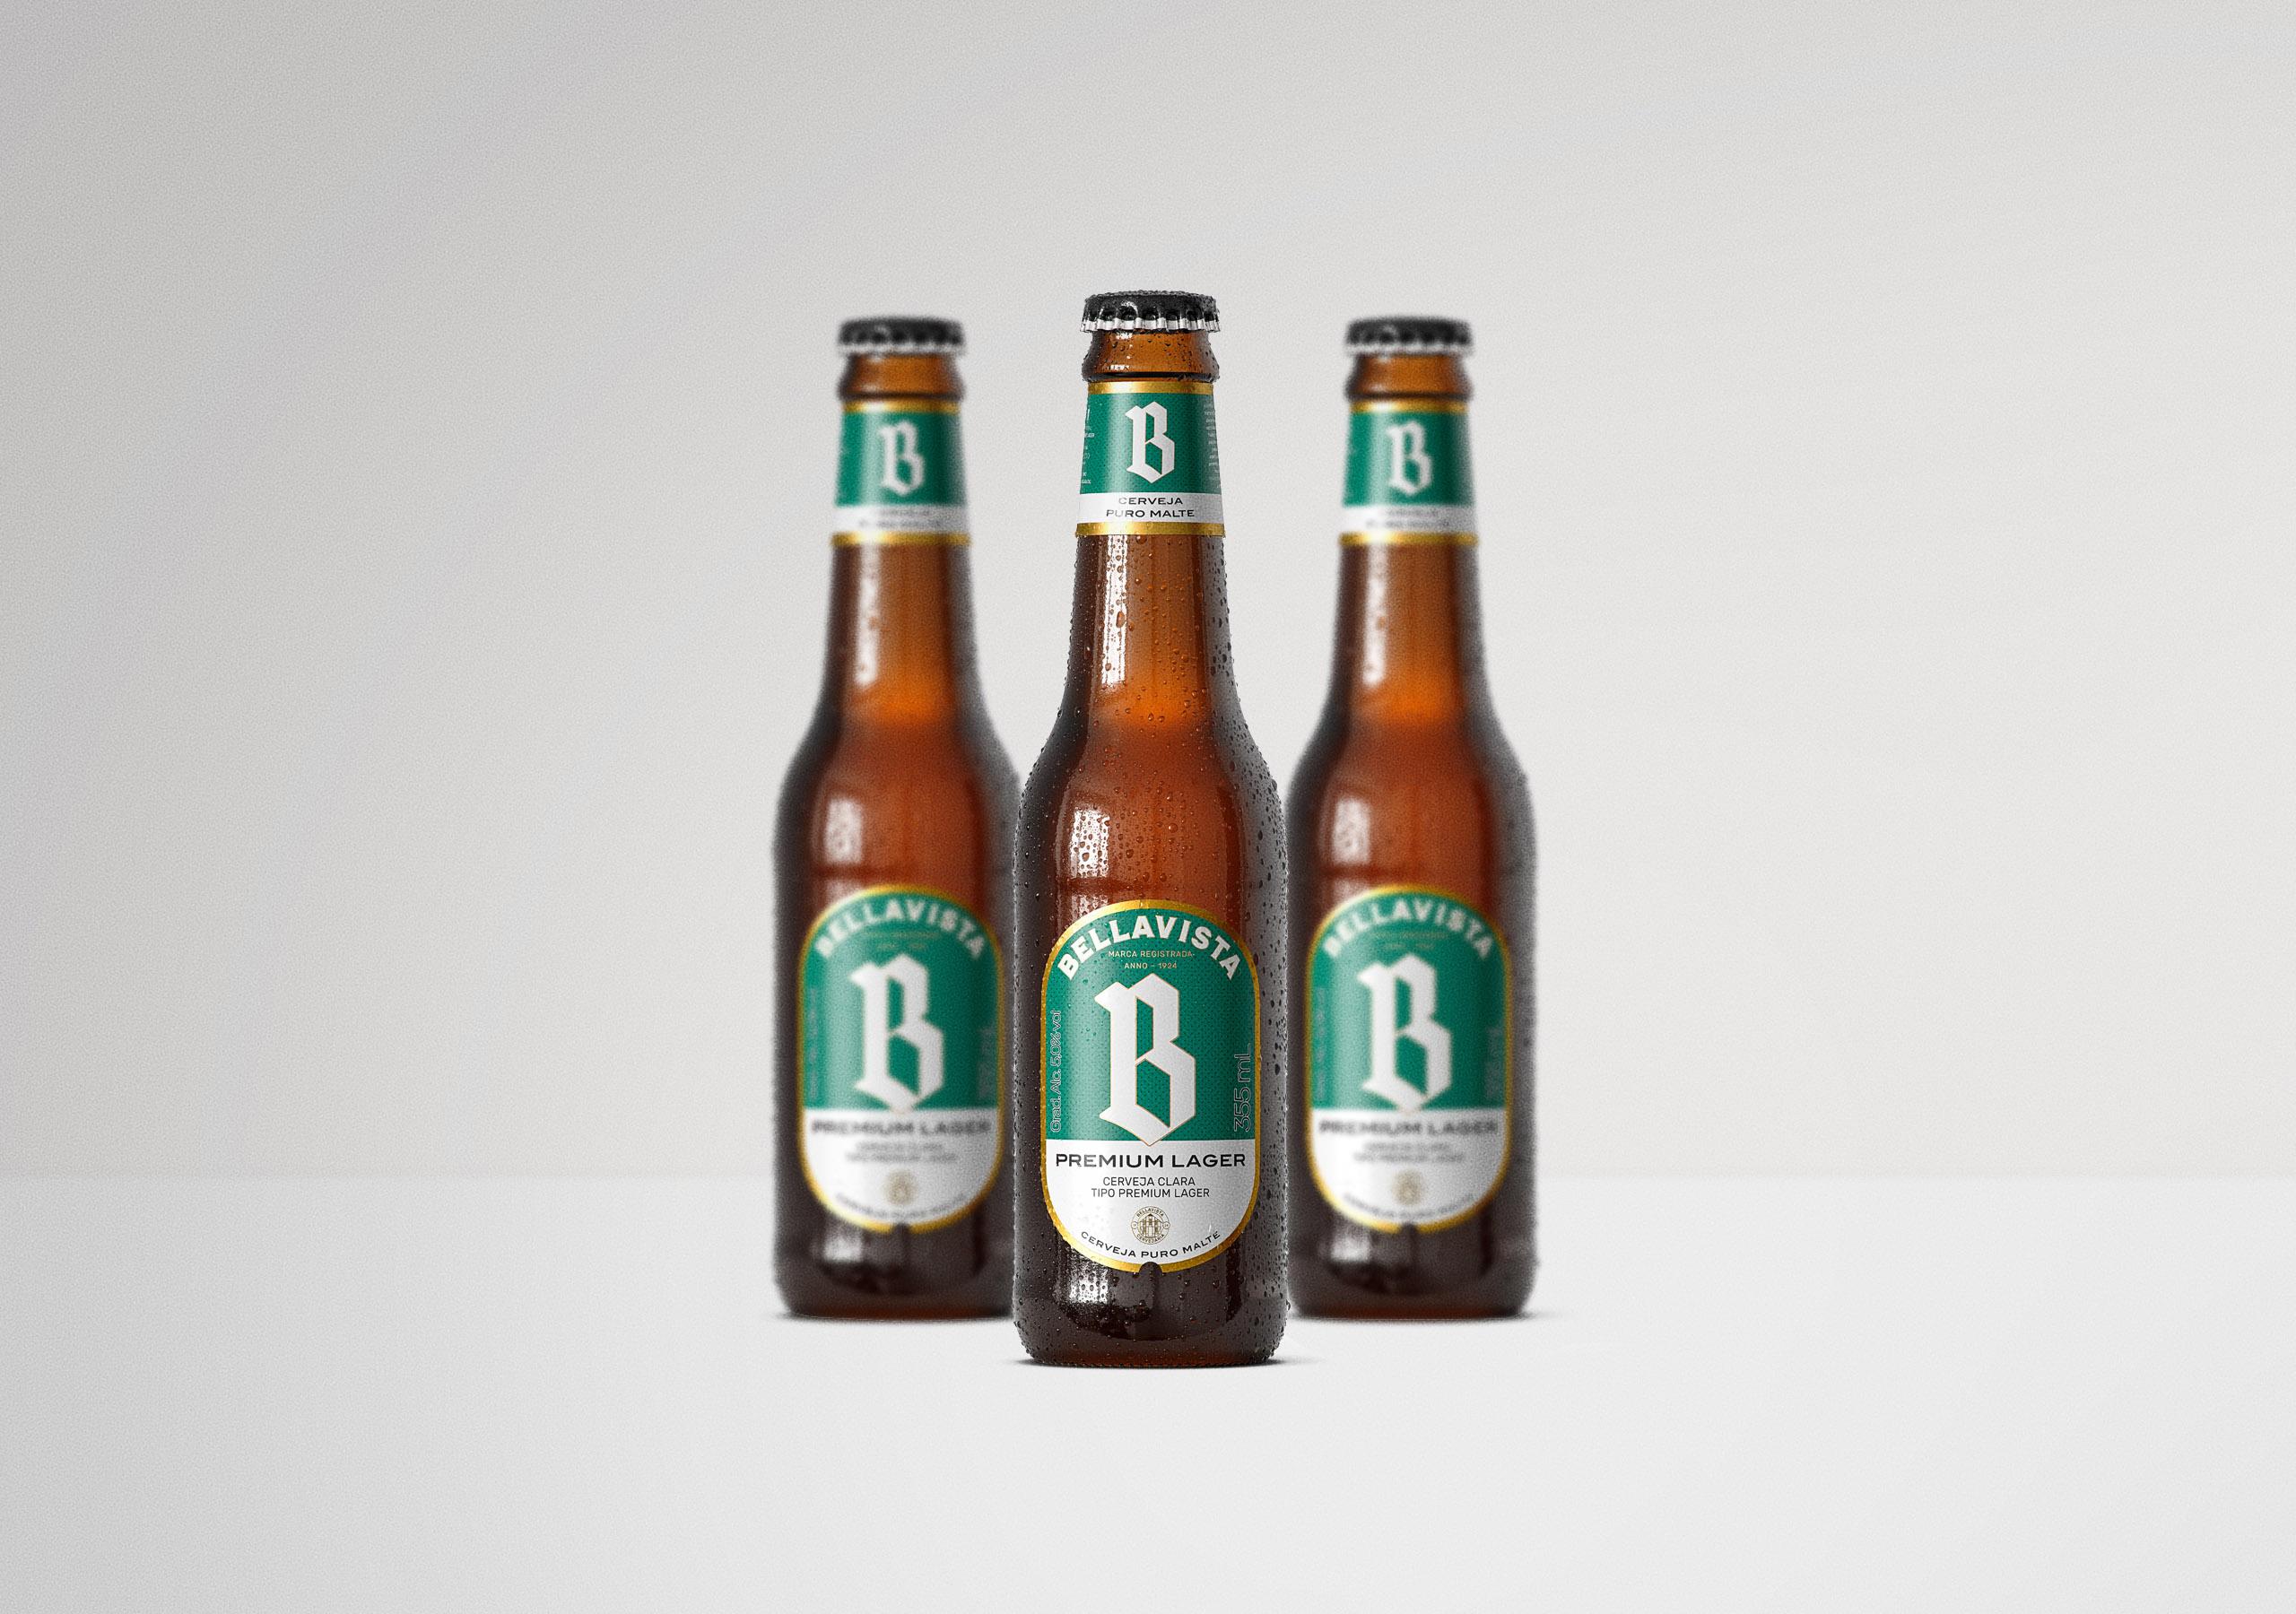 design-marca-branding-embalagem-bellavista-valkiria